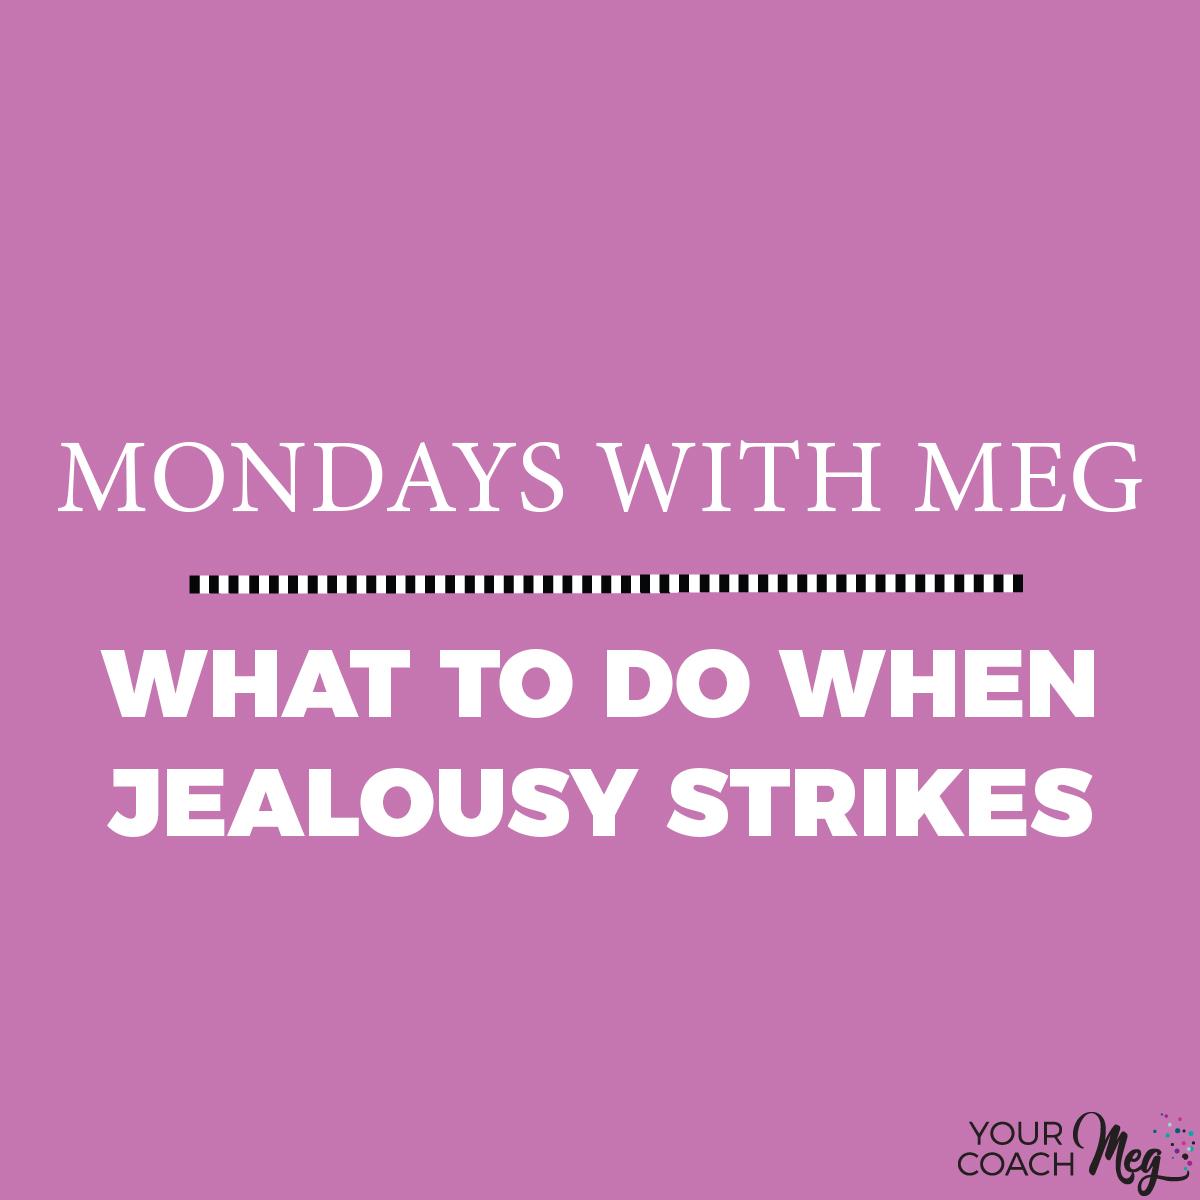 Mondays With Meg: WHAT TO DO WHEN JEALOUSY STRIKES